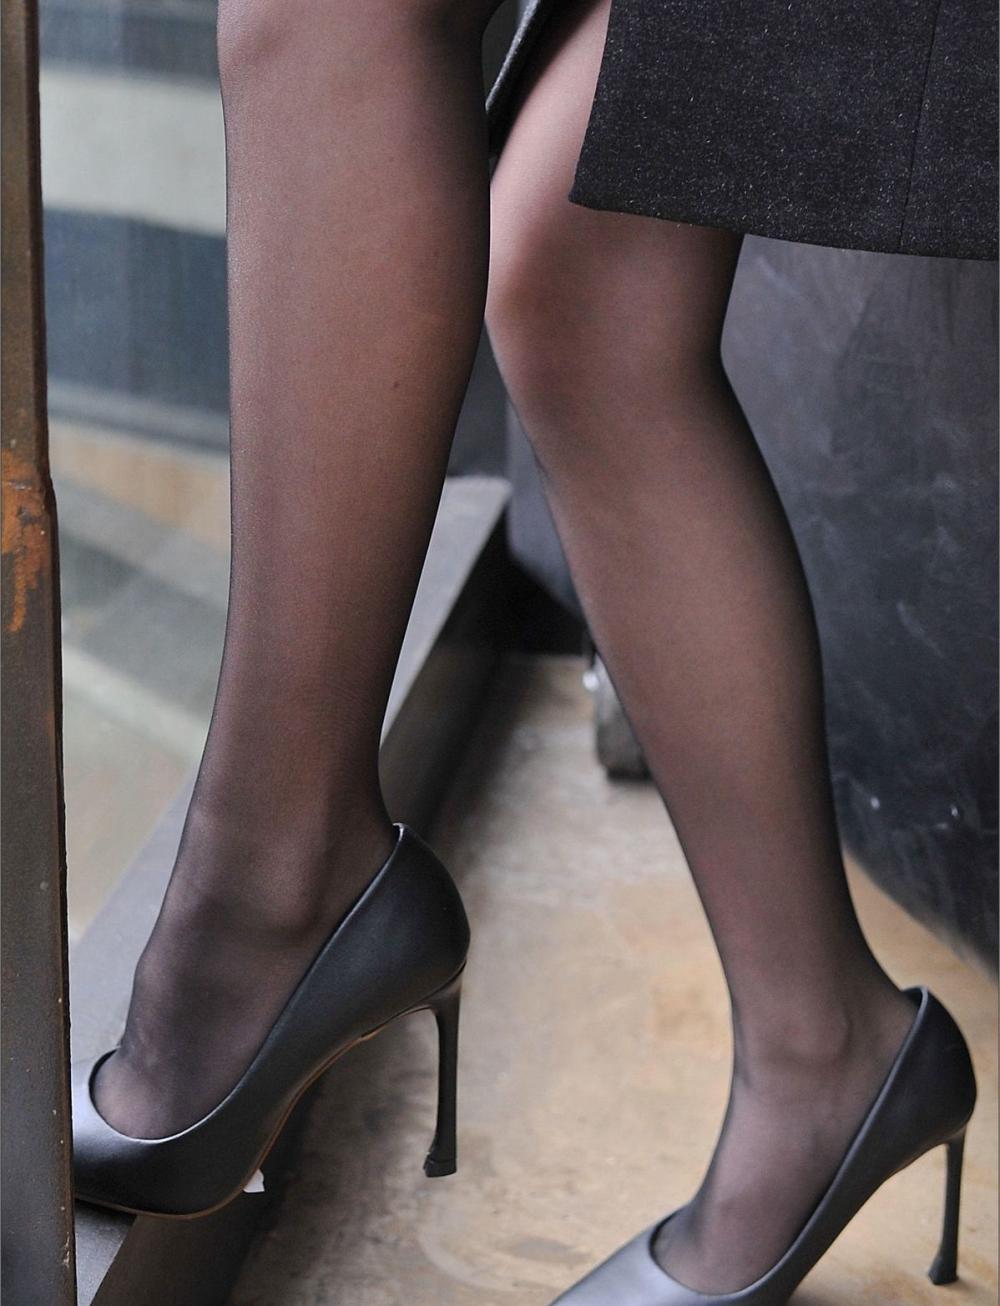 在秋季穿上丝袜和紧身裤, 才是诠释美丽的最好方式 1